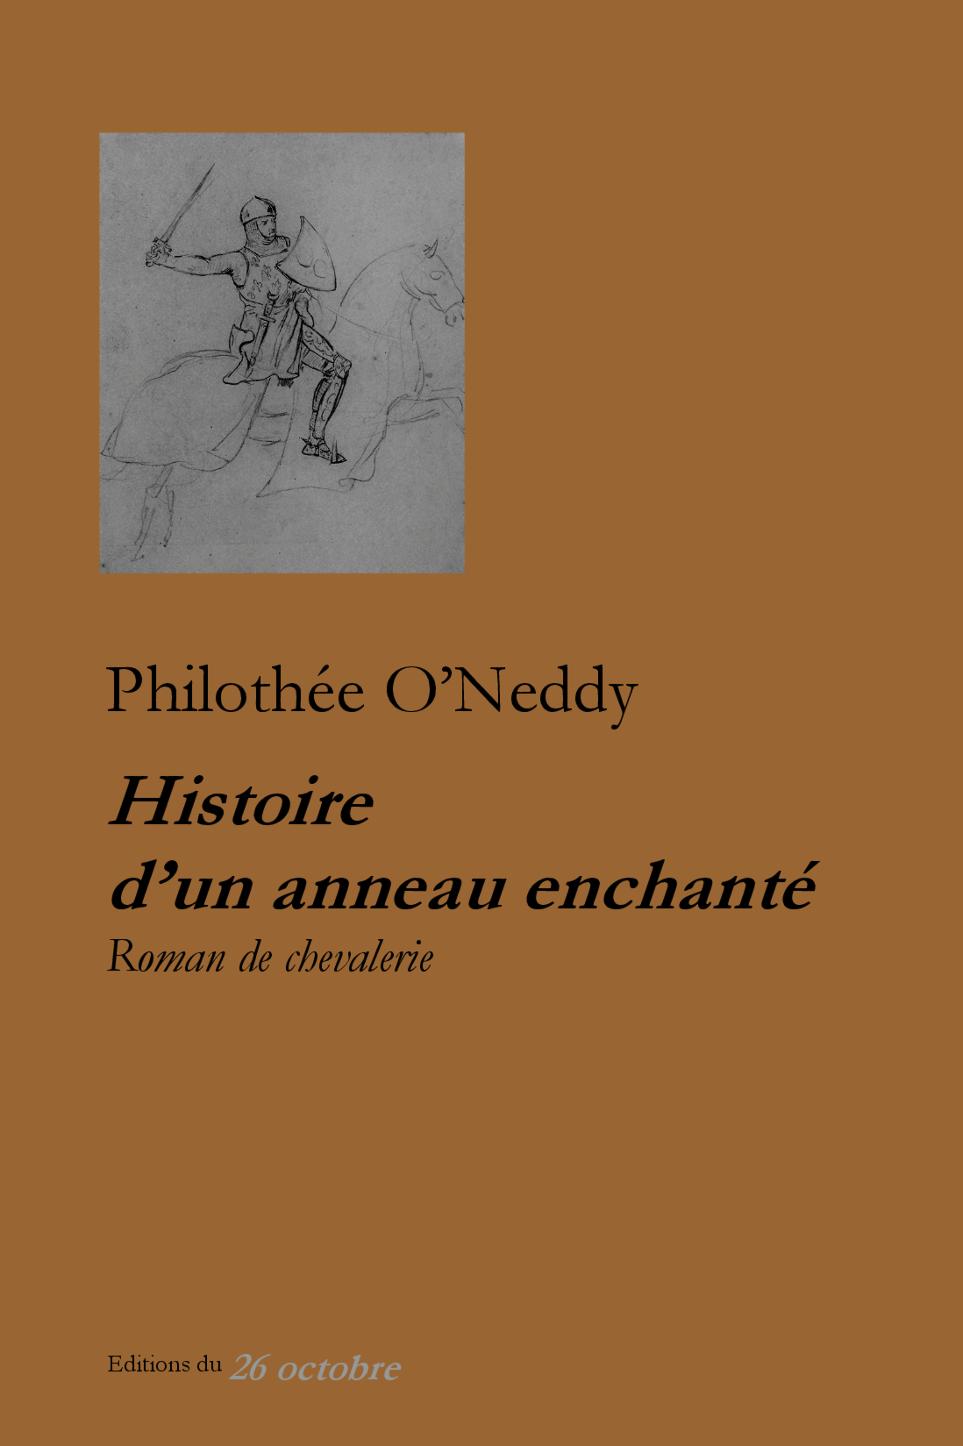 Histoire d'un anneau enchanté de Philothée O'Neddy.